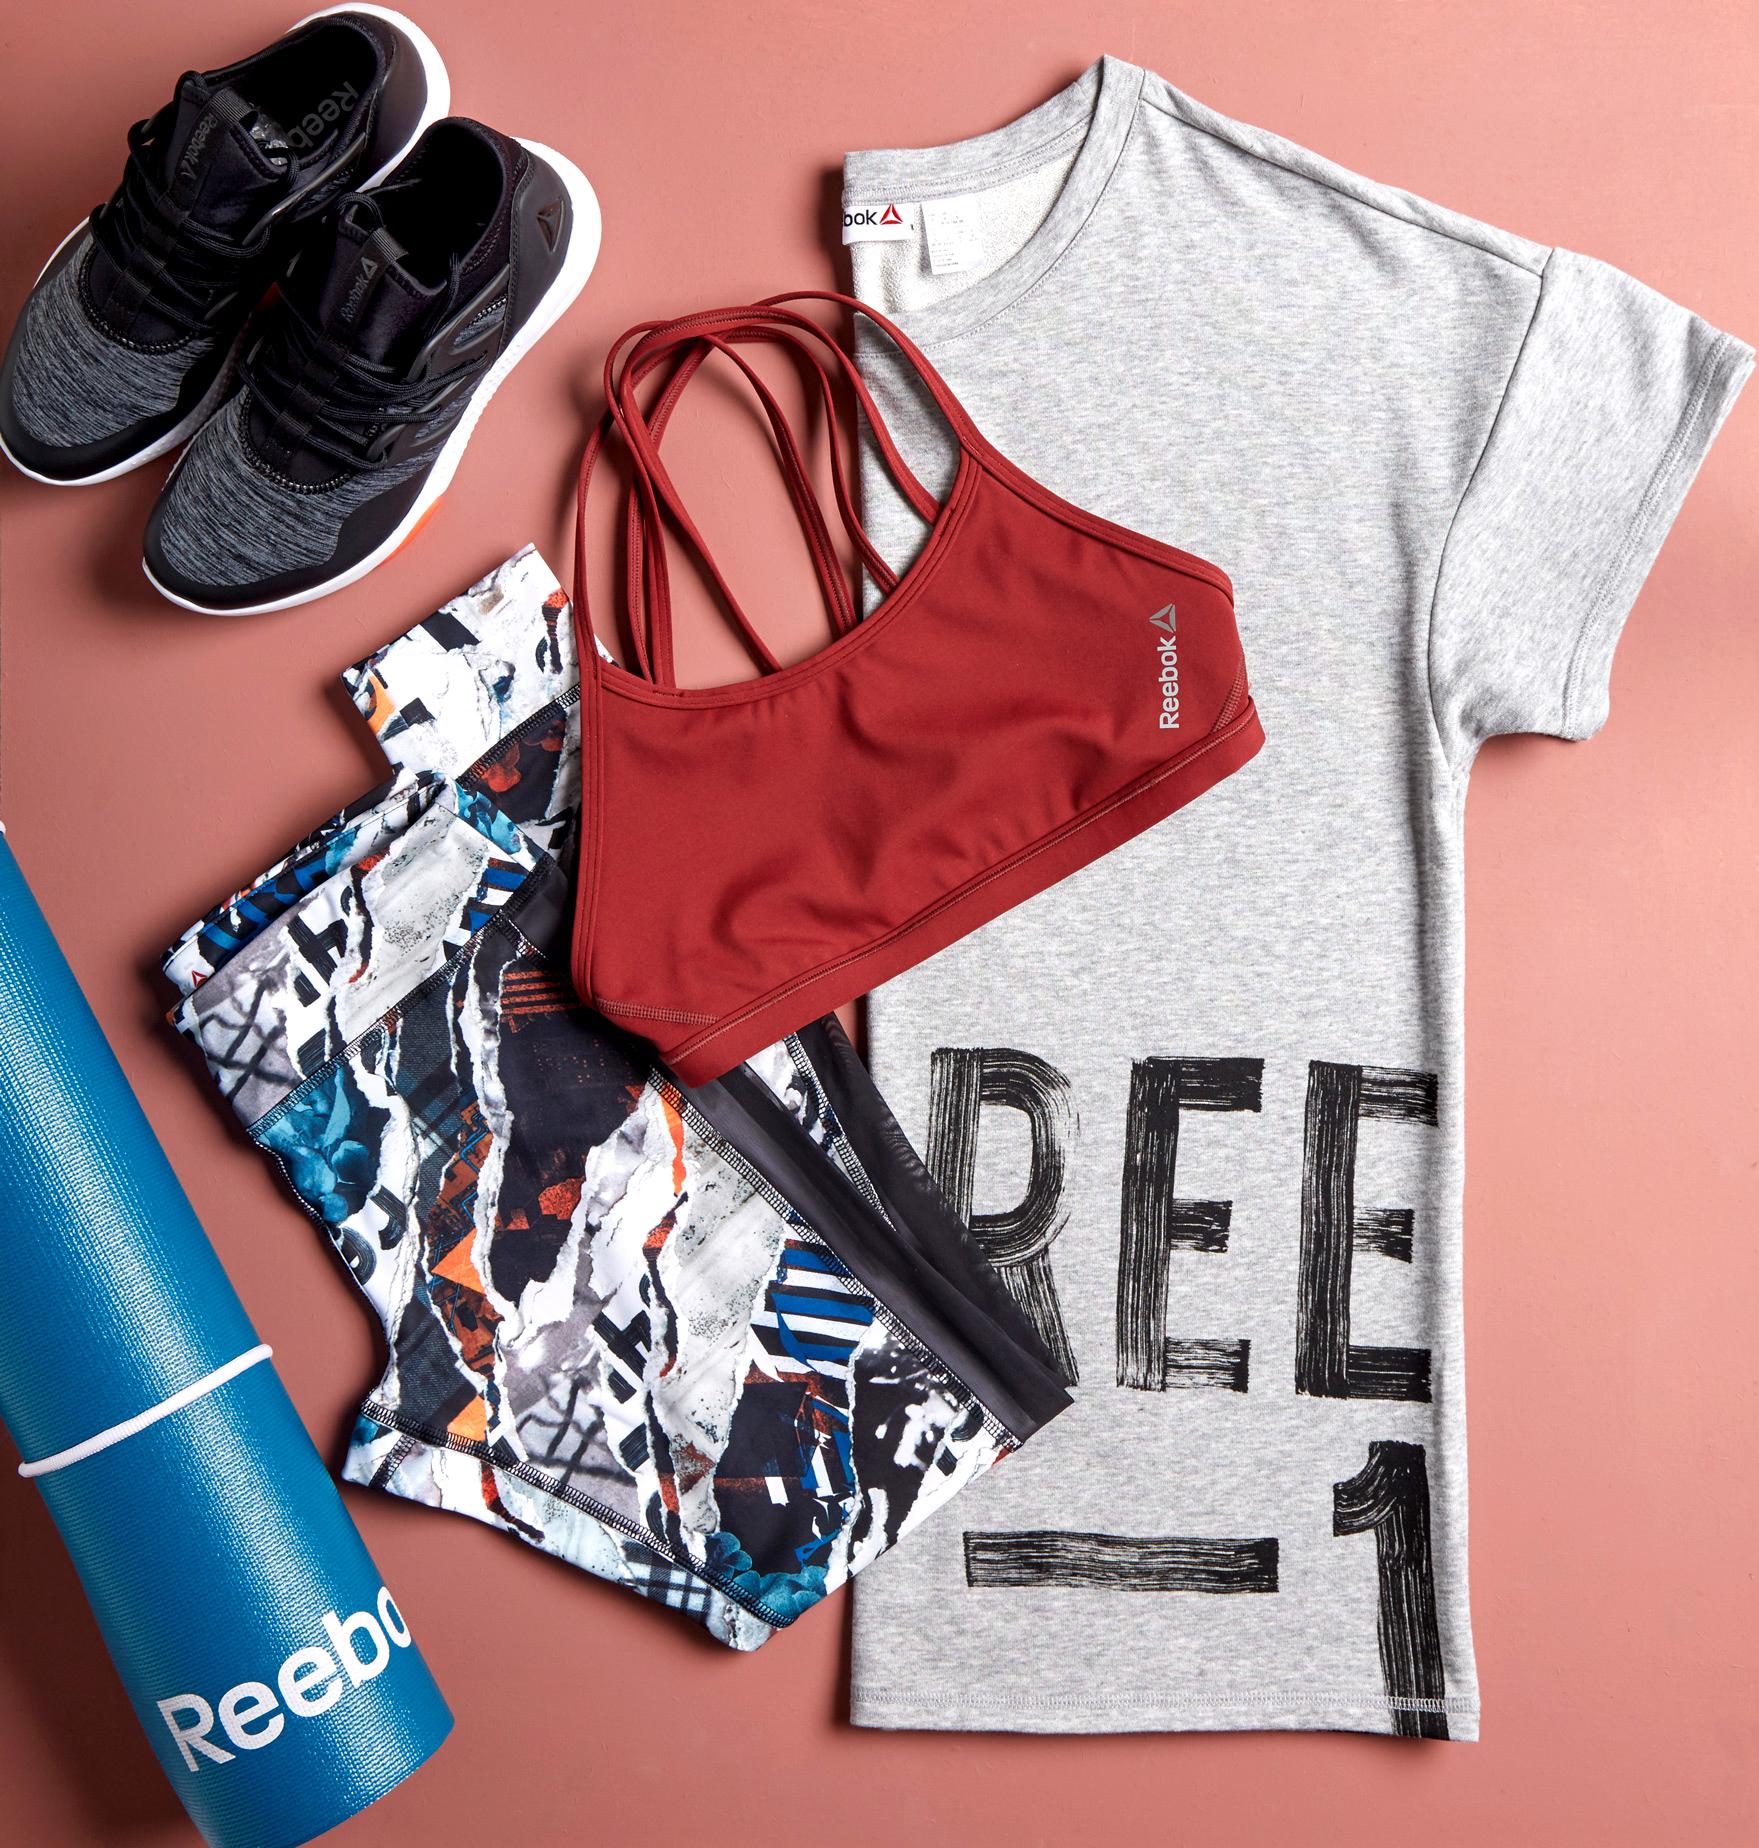 Reebok_Flatlay_gymwear_sports.jpg